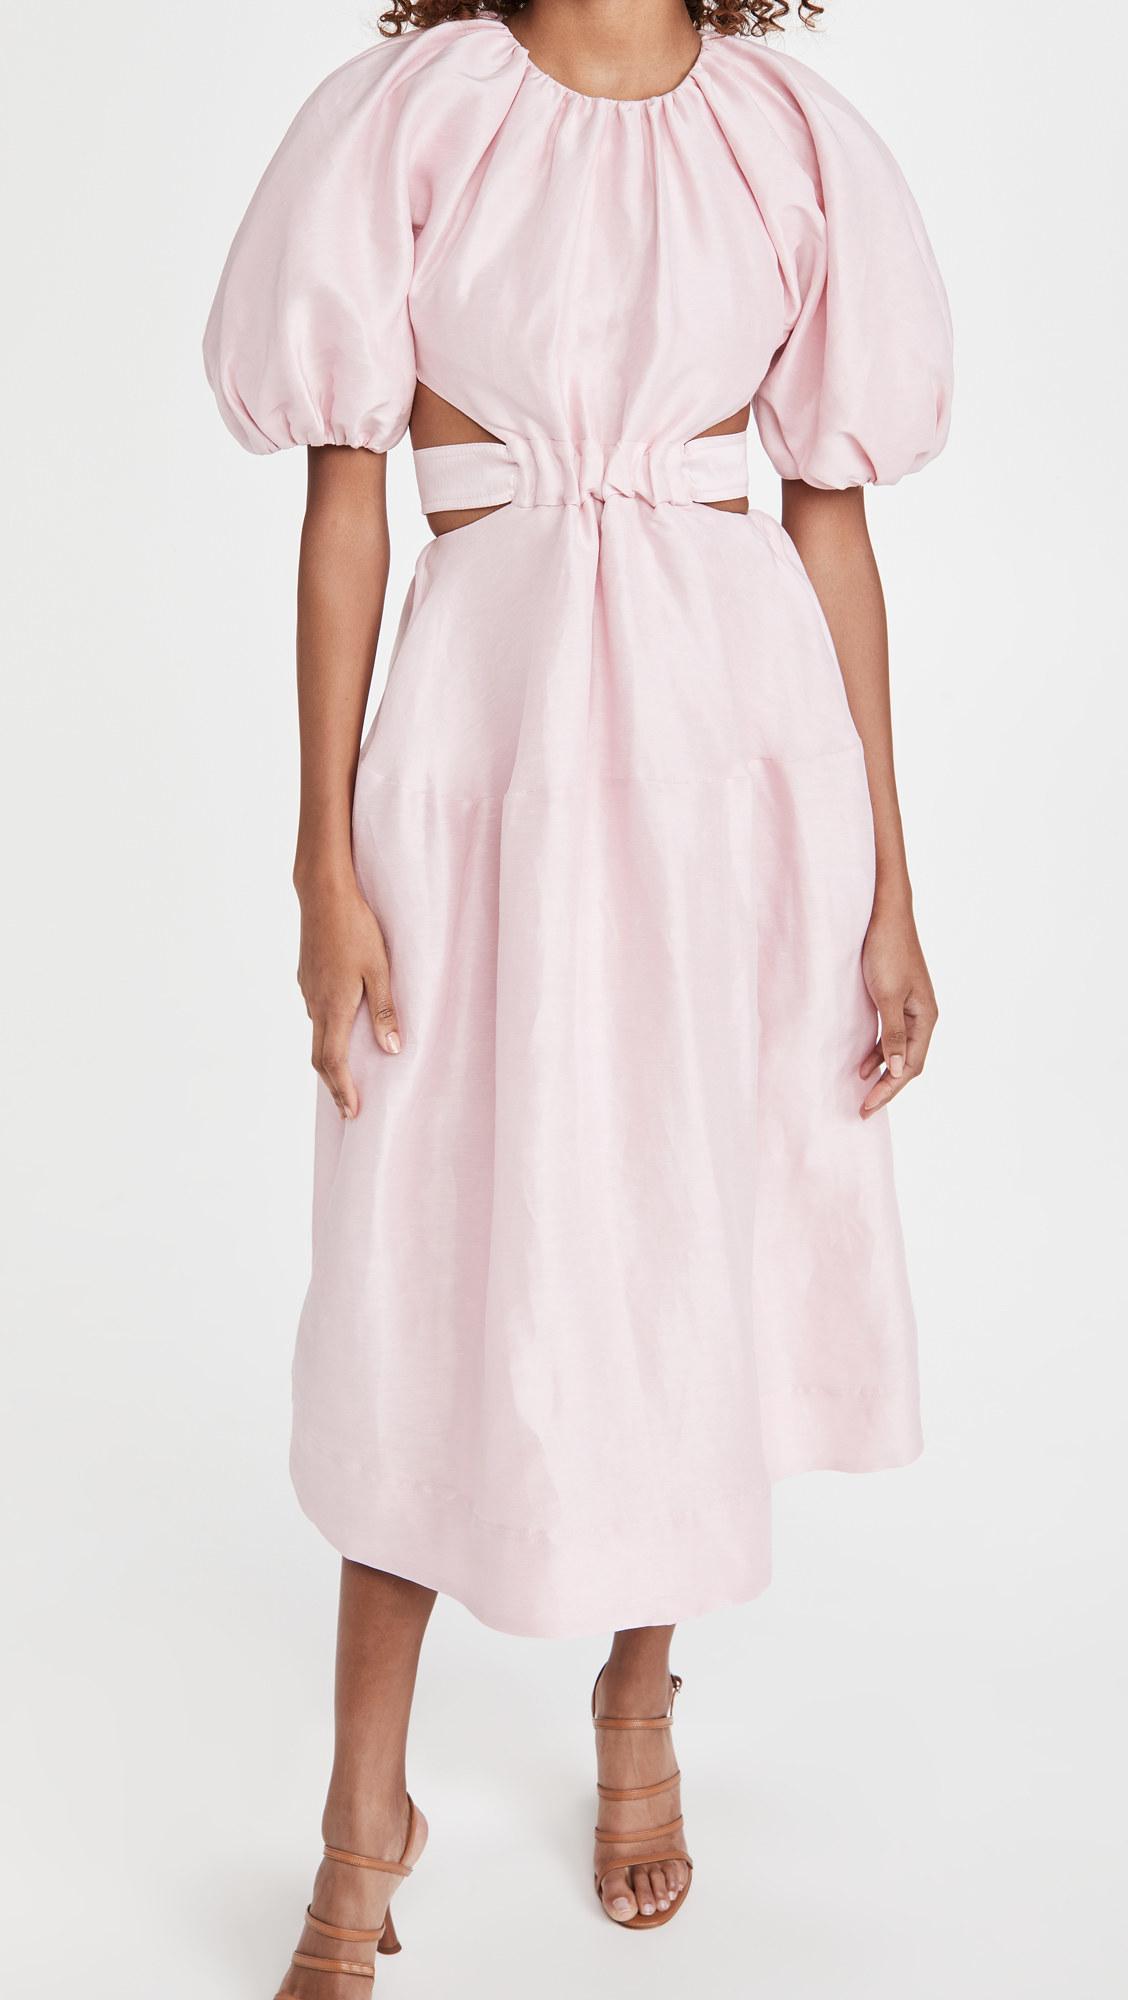 A model wearing the Aje Mimosa Cutout Midi Dress